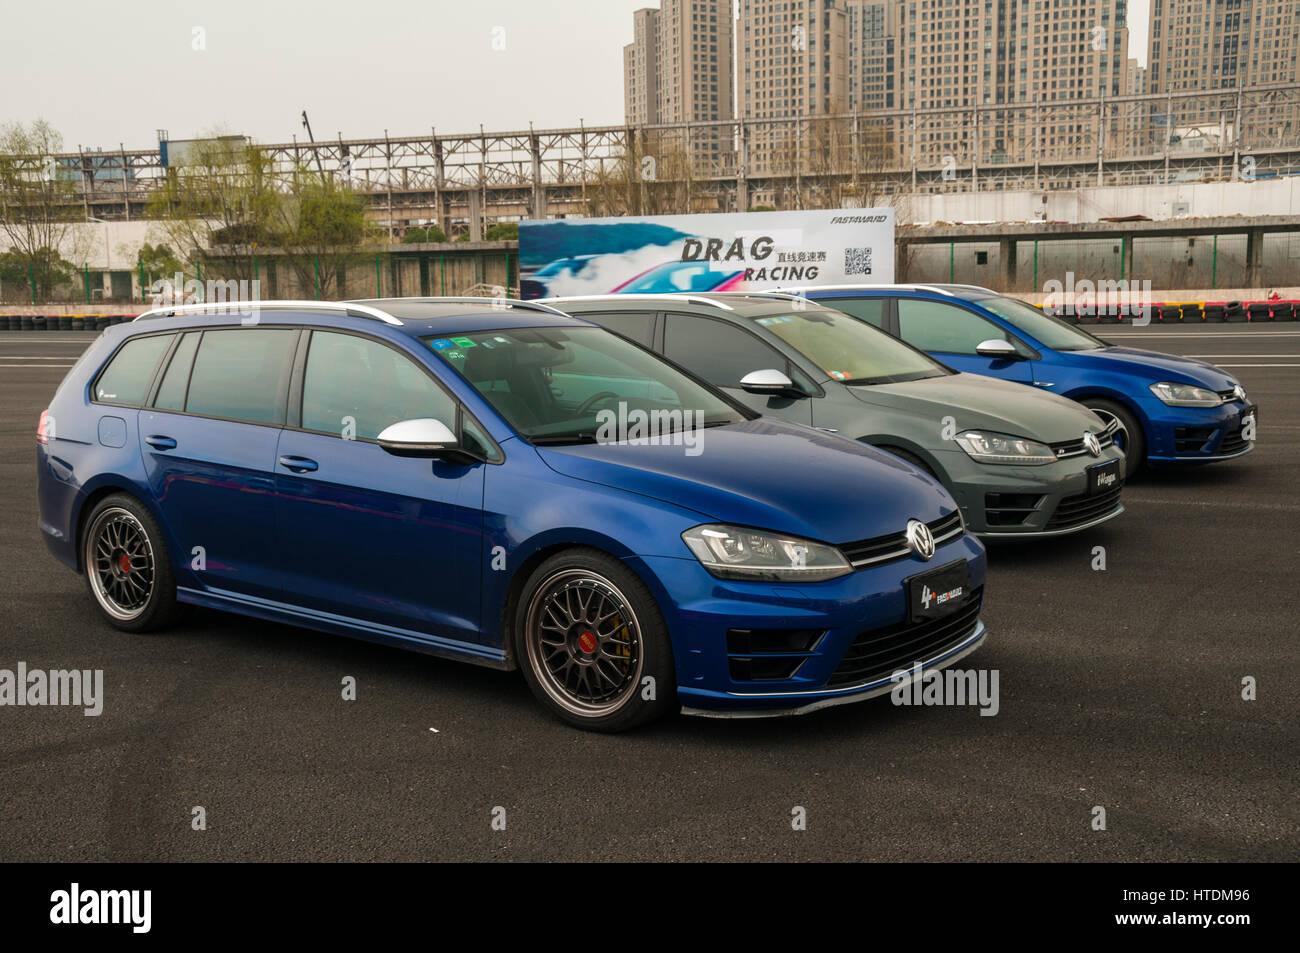 Drag Racing Stock Photos & Drag Racing Stock Images - Alamy